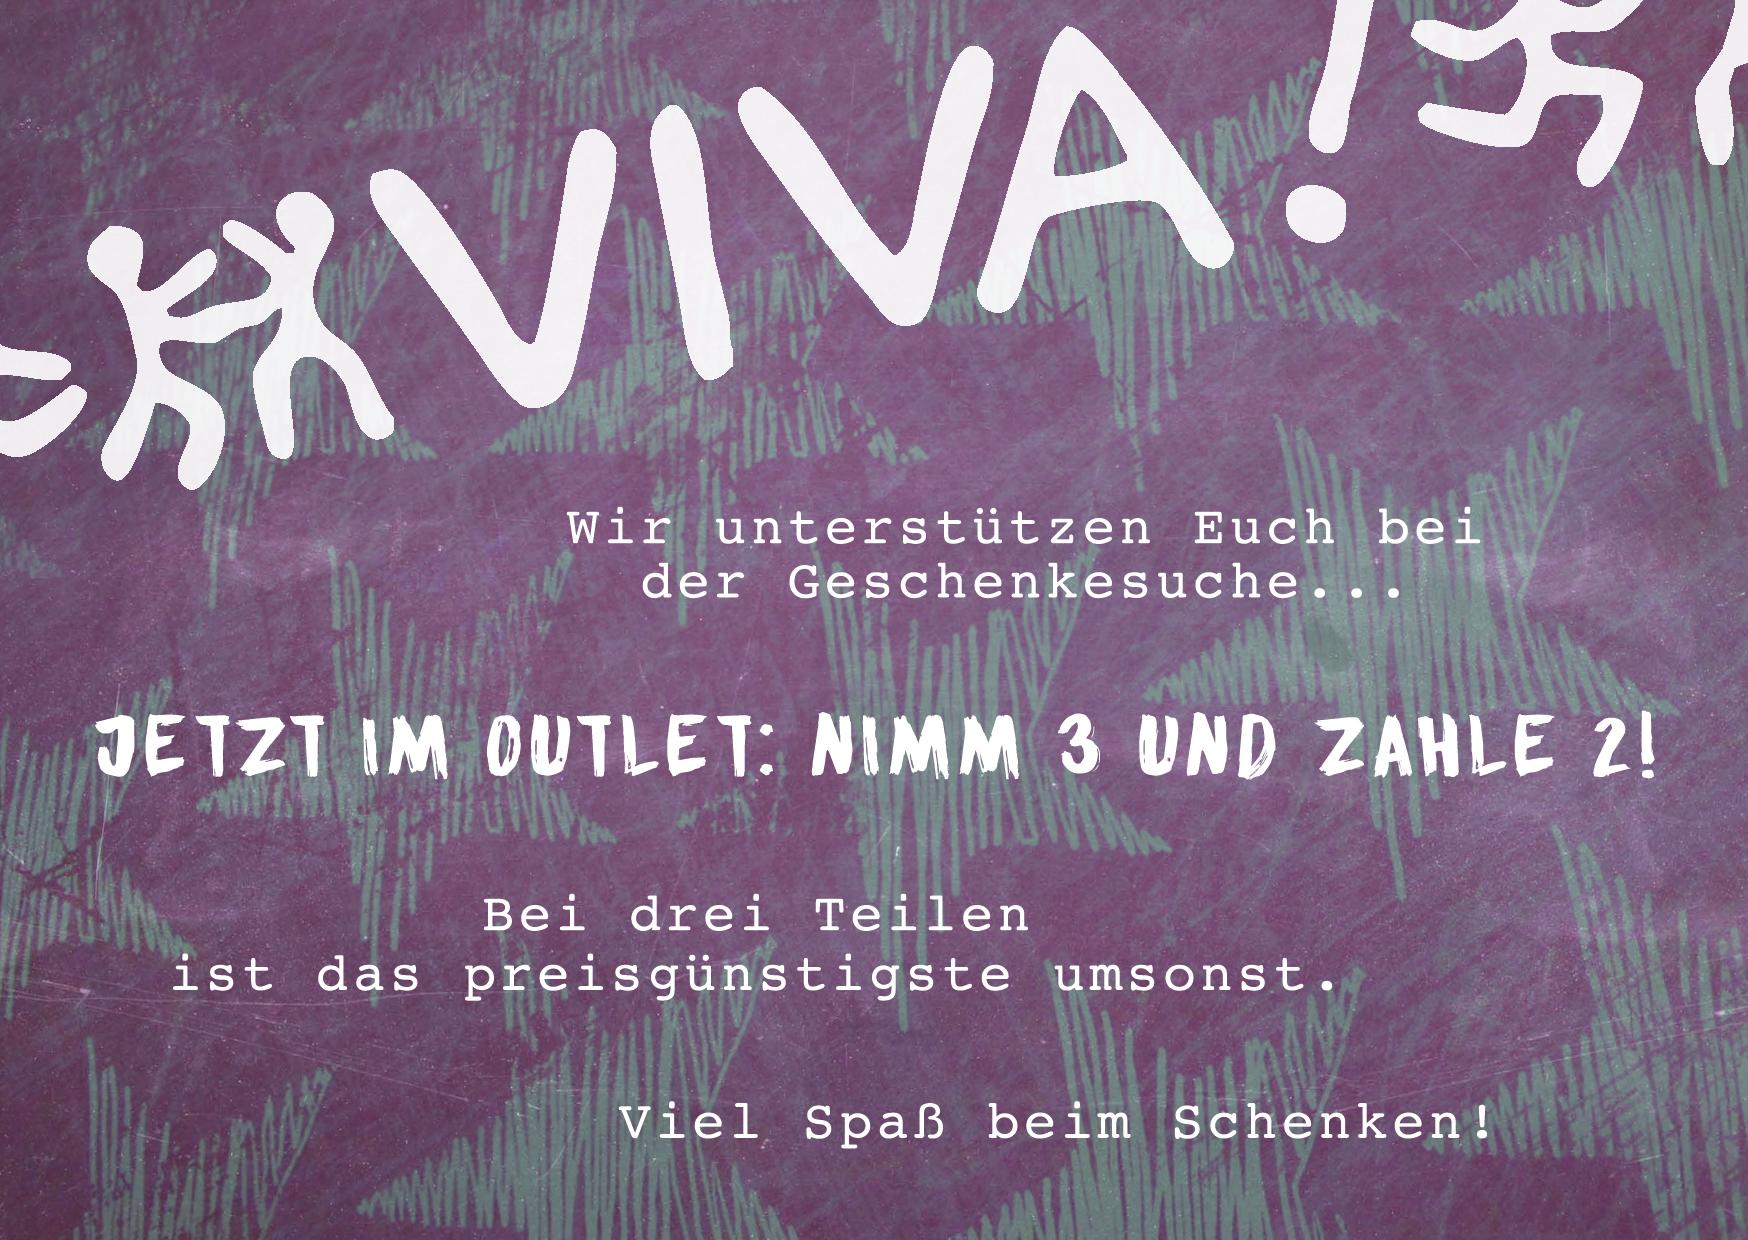 Outlet Aktion VIVA